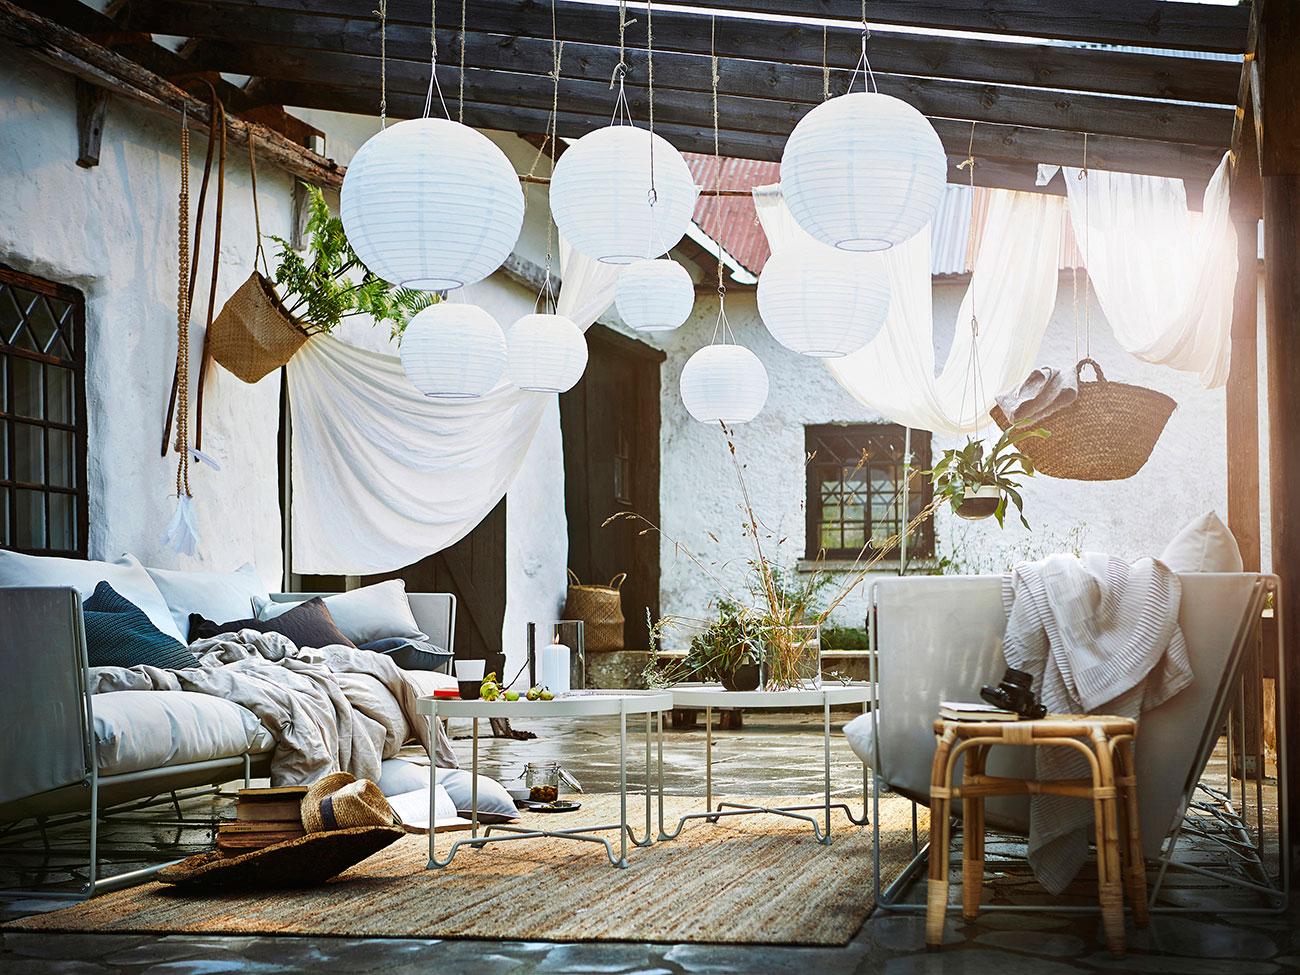 Ikea gartenmöbel 2017  Neu bei IKEA 2018 - Prämierte Gartenmöbel - Wohnkonfetti